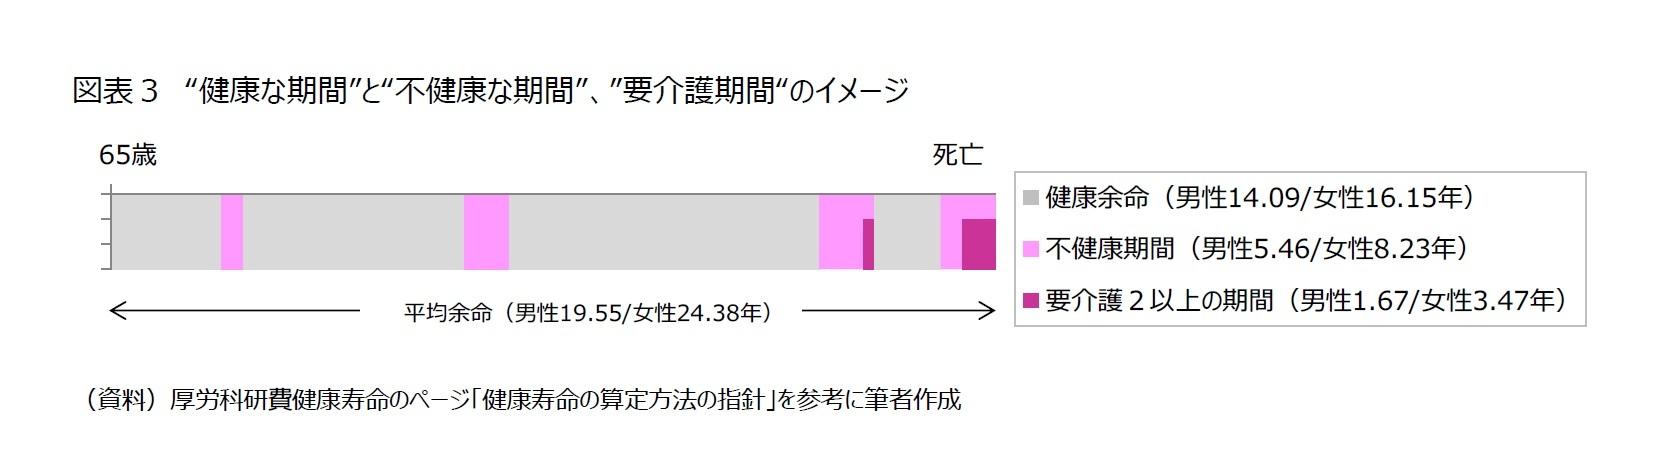 """図表3 """"健康な期間""""と""""不健康な期間""""、""""要介護期間""""のイメージ"""